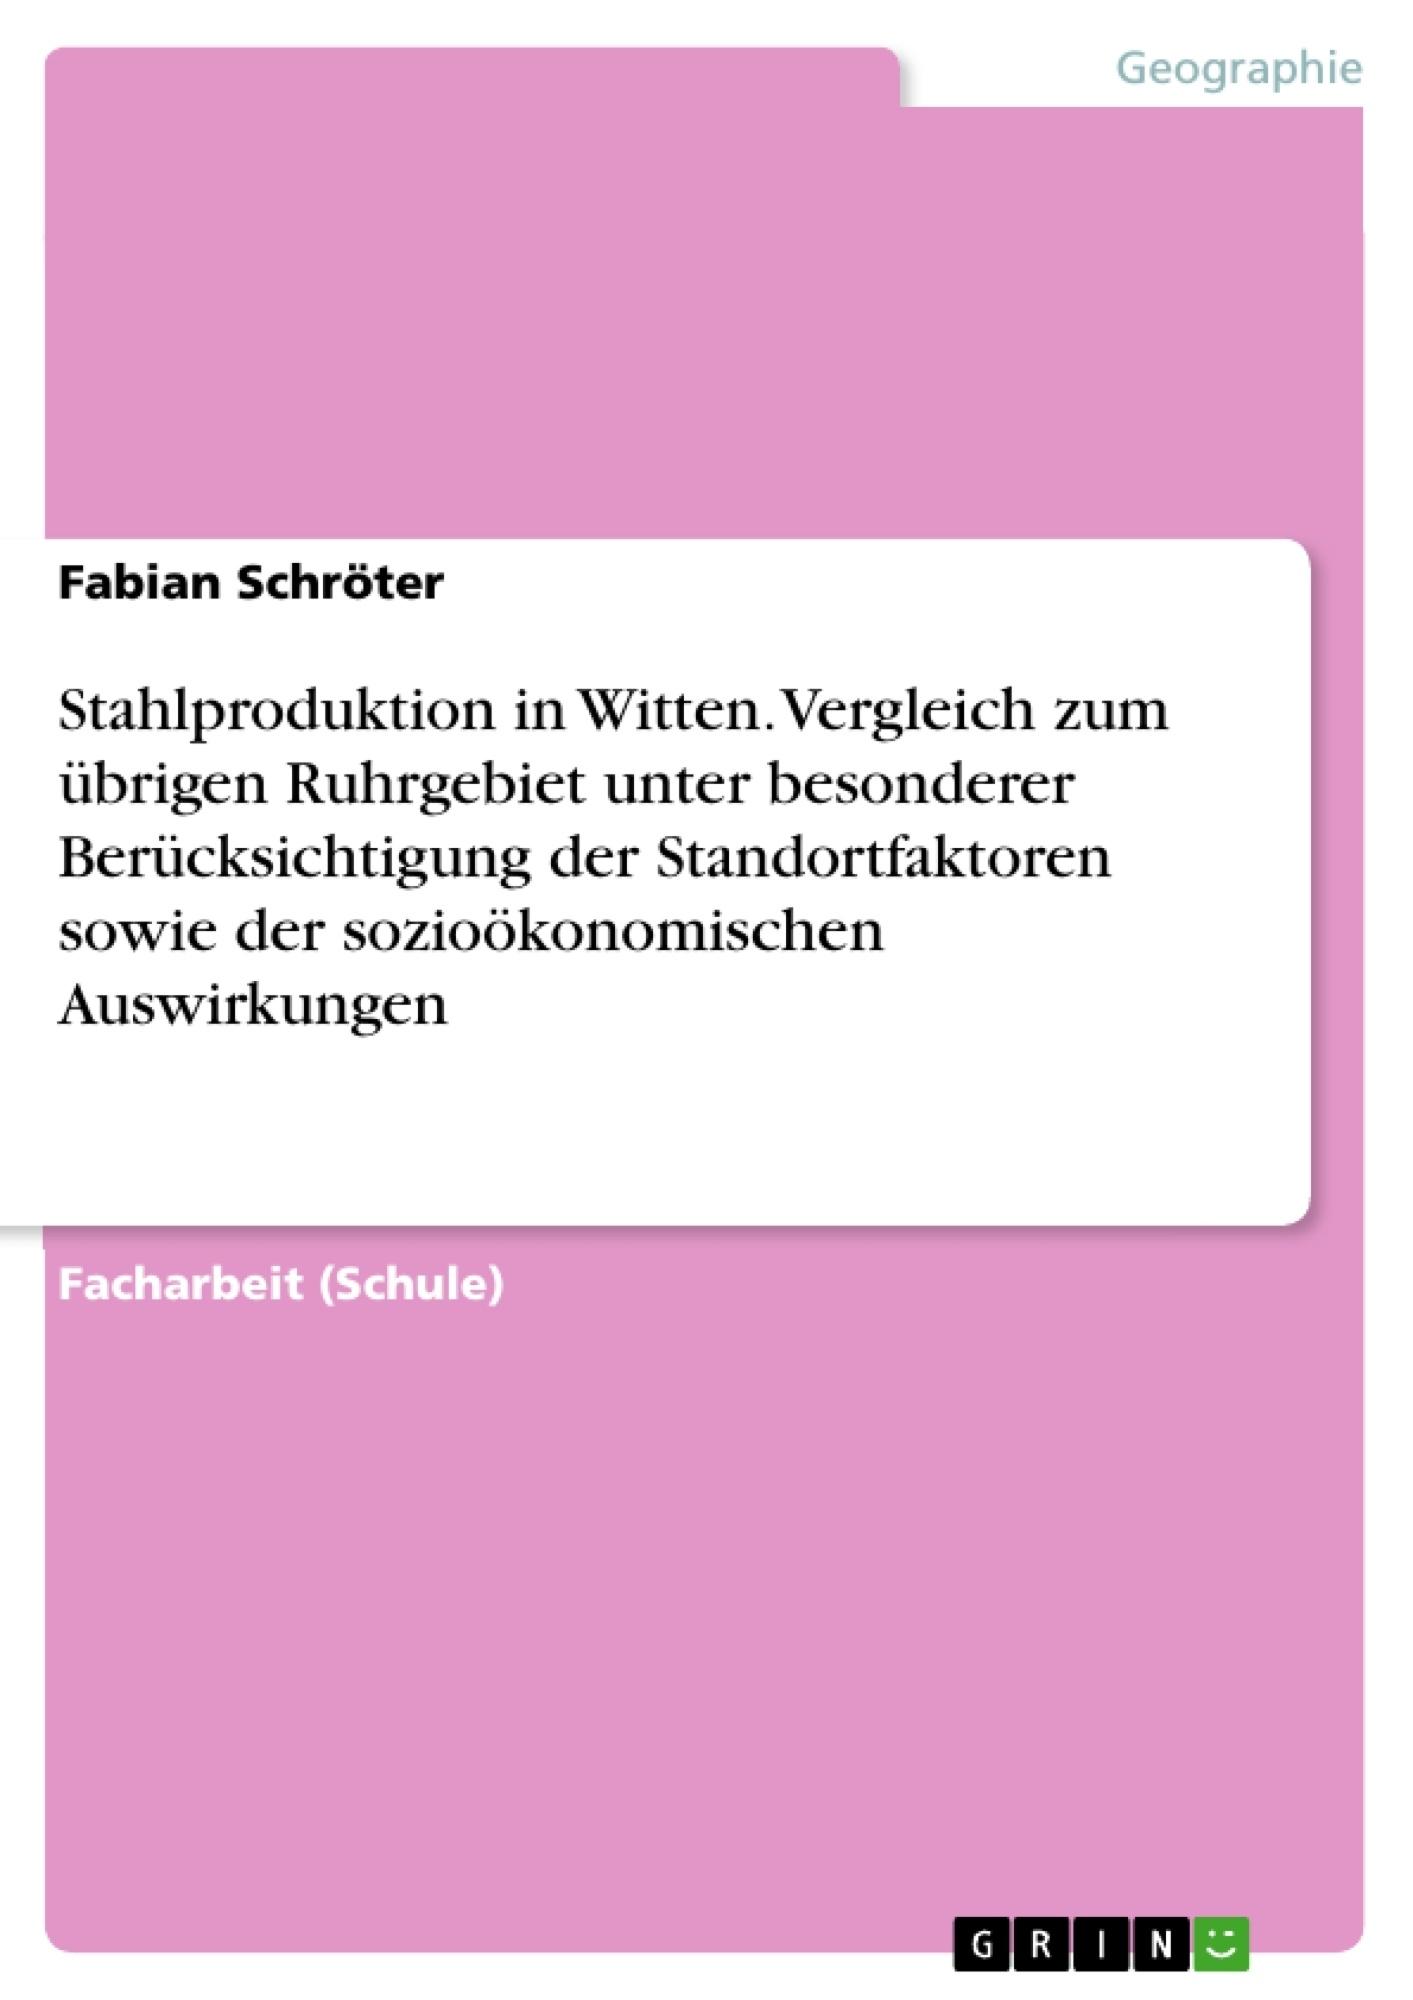 Titel: Stahlproduktion in Witten. Vergleich zum übrigen Ruhrgebiet unter besonderer Berücksichtigung der Standortfaktoren sowie der sozioökonomischen Auswirkungen